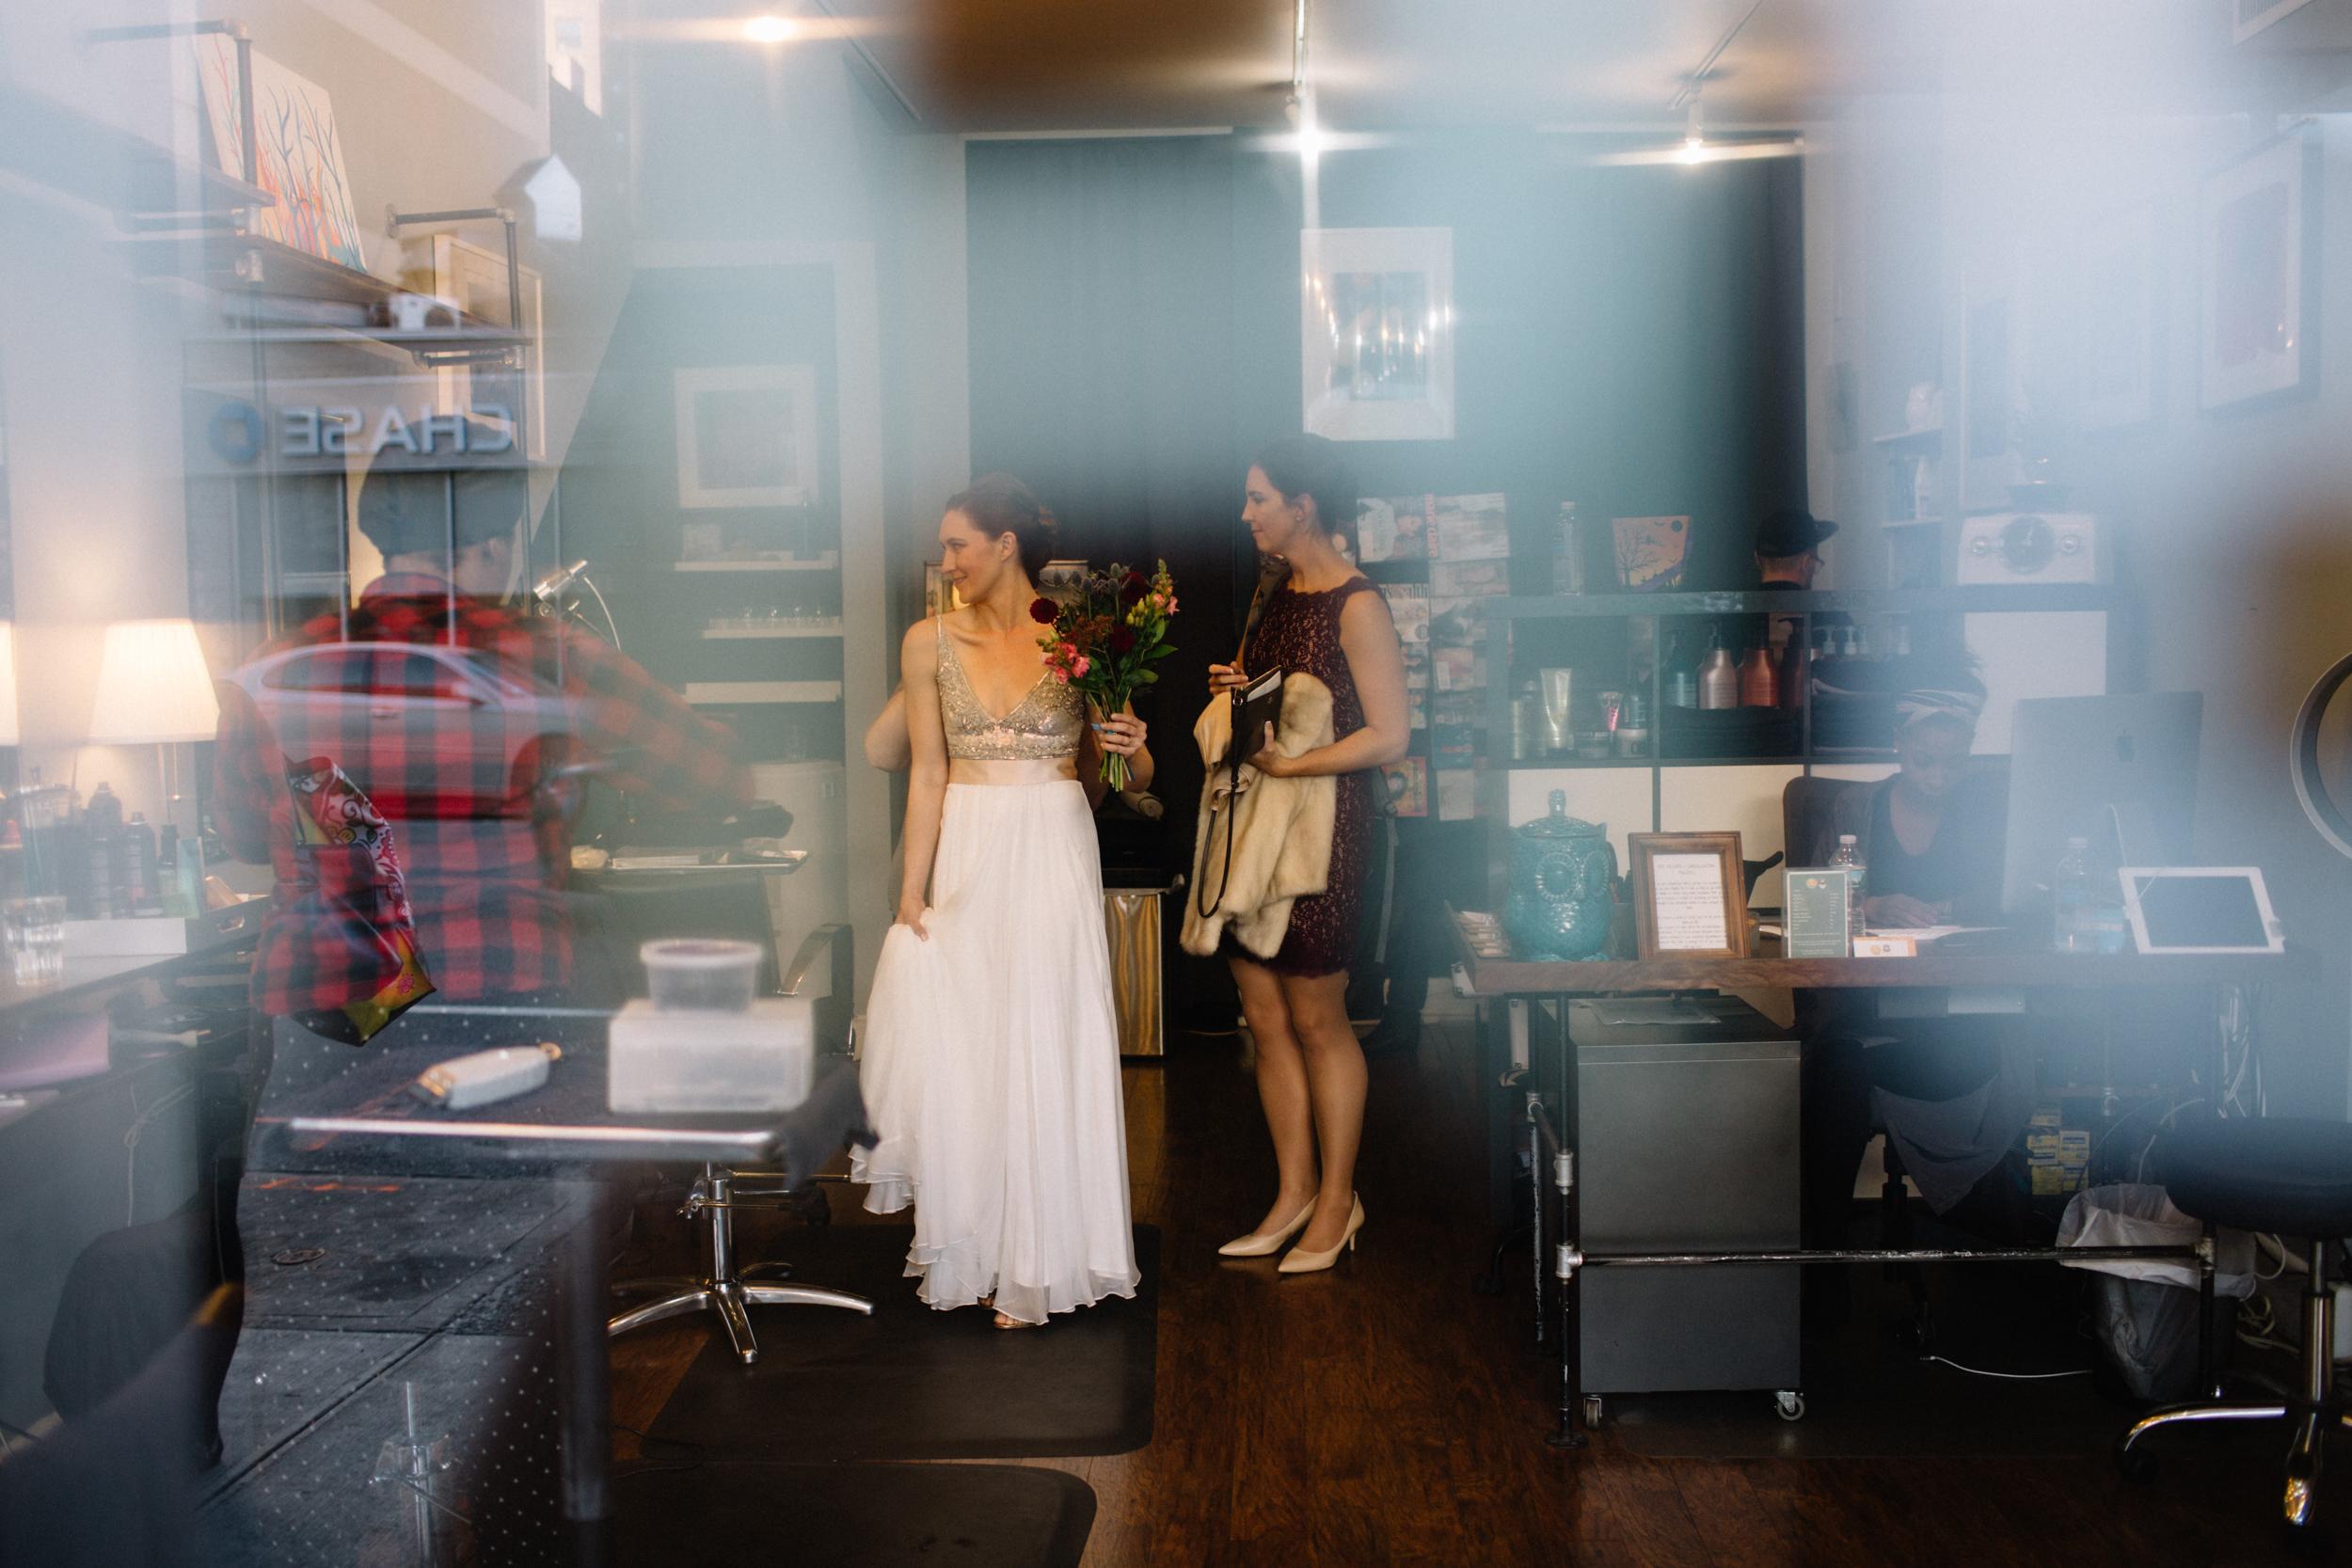 brooklynindustrialweddingphotographer-3-4